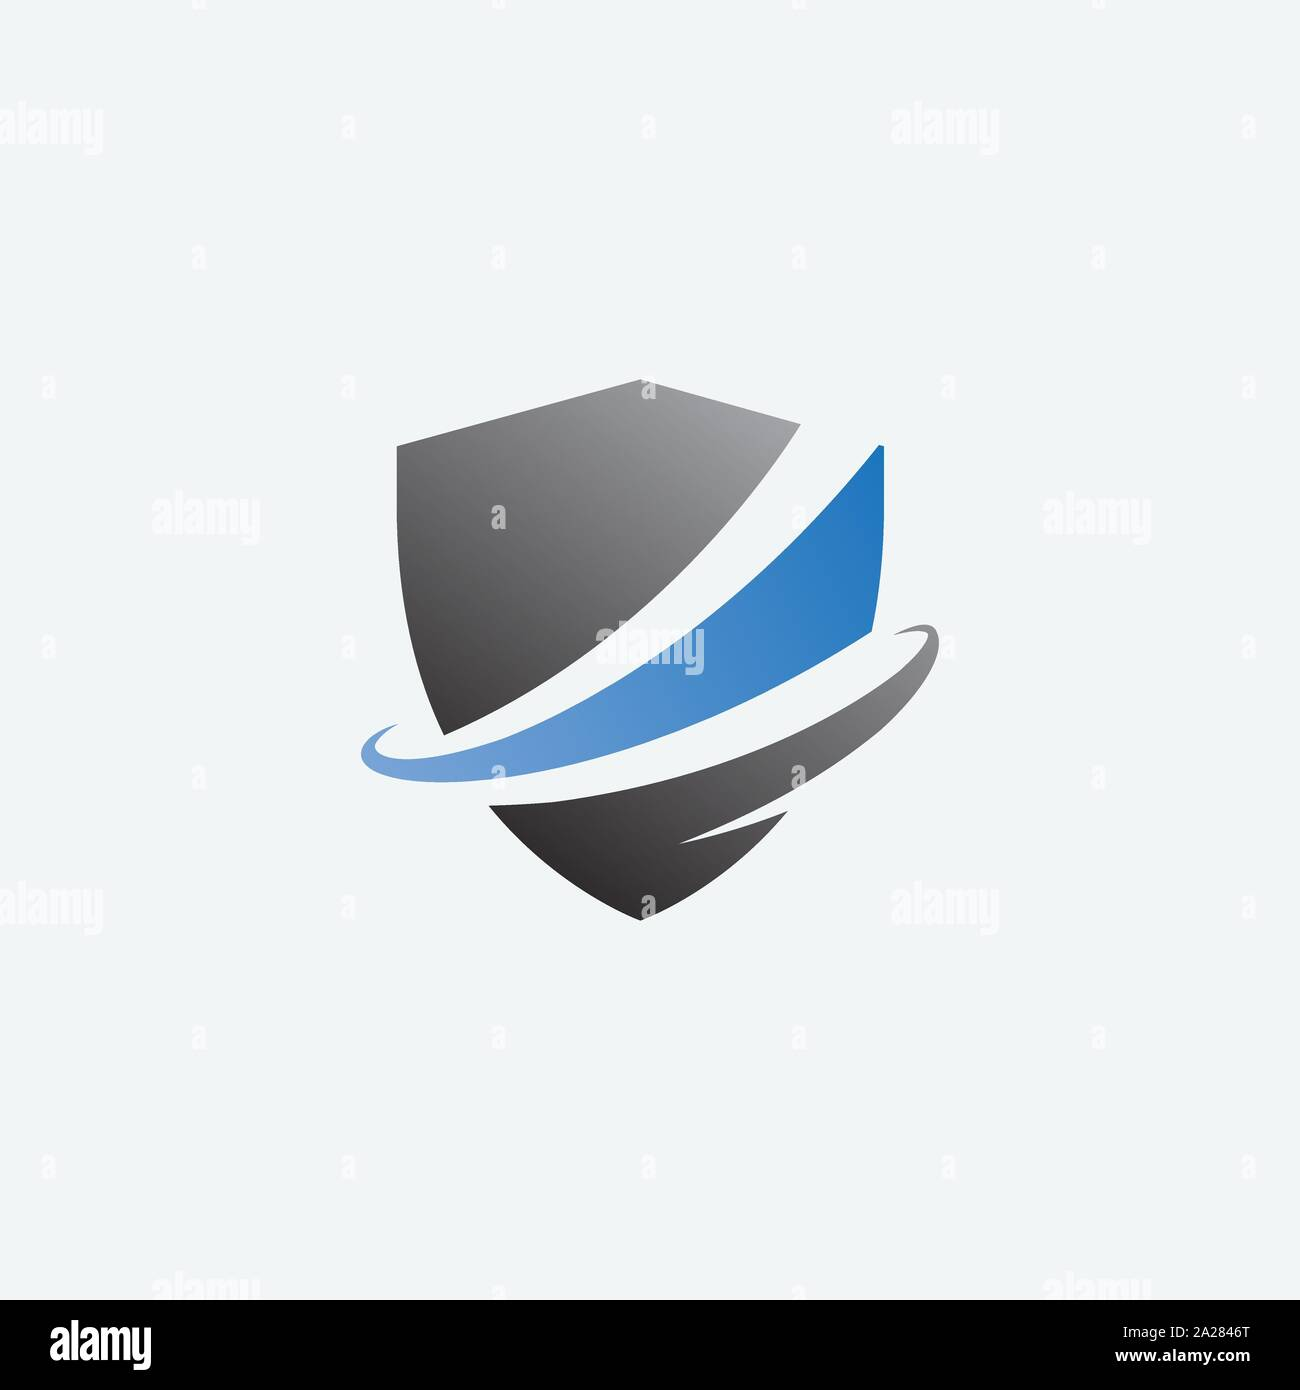 Icône de bouclier bouclier, illustration design logo design, logo, modèle de sécurité protéger l'icône logo Illustration de Vecteur